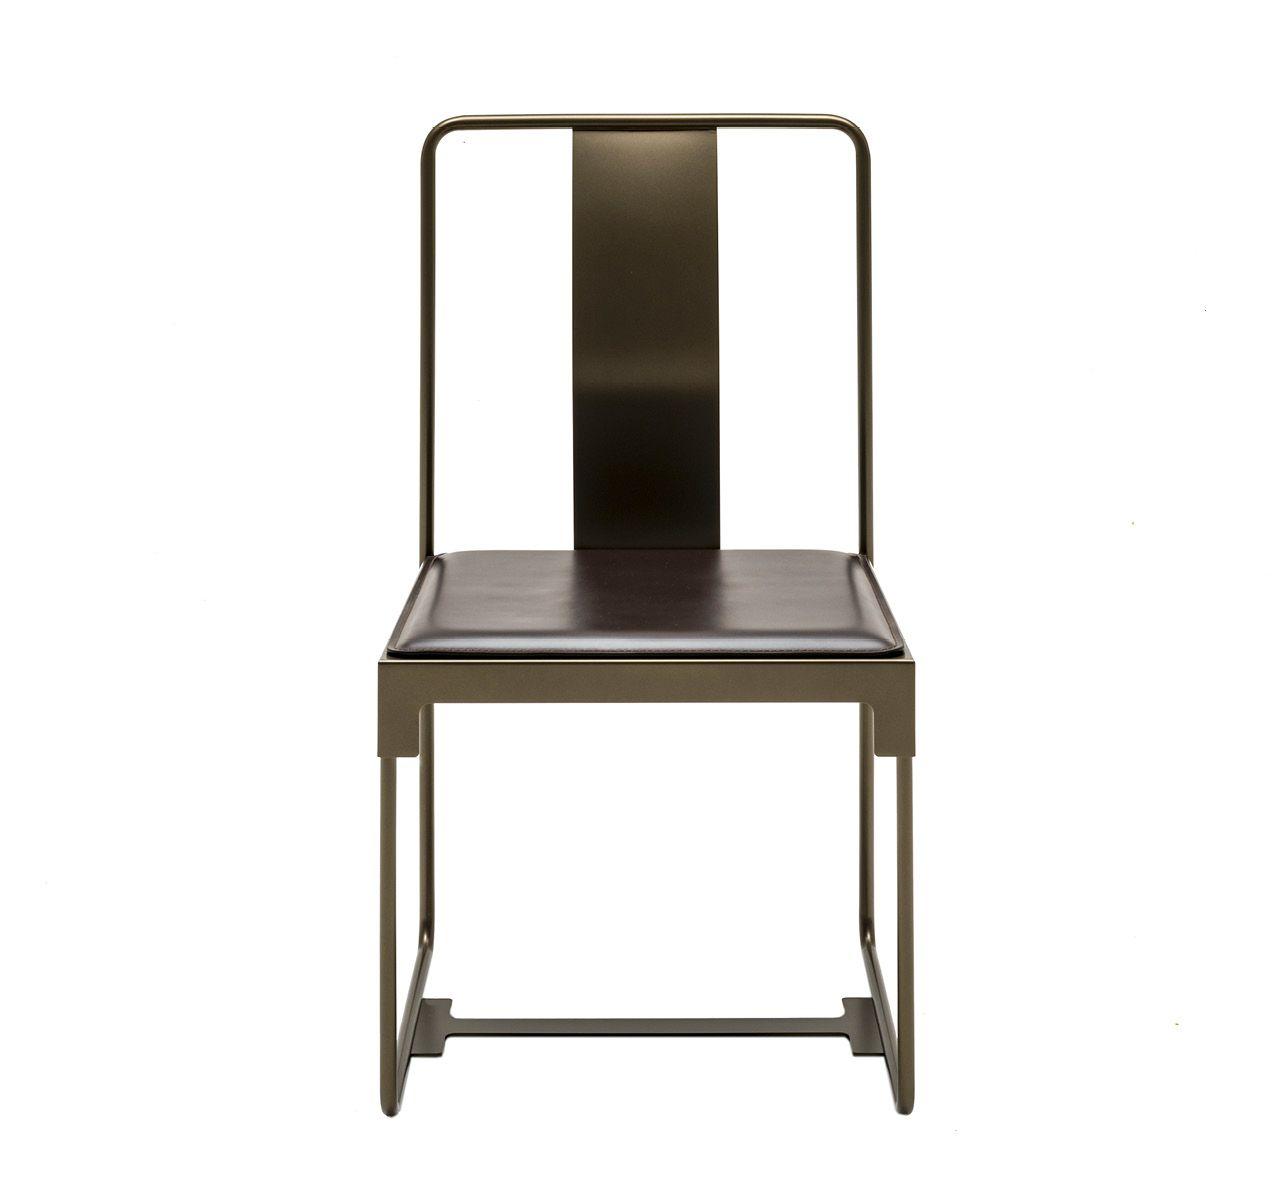 MINGX - Indoor Chair Bronze